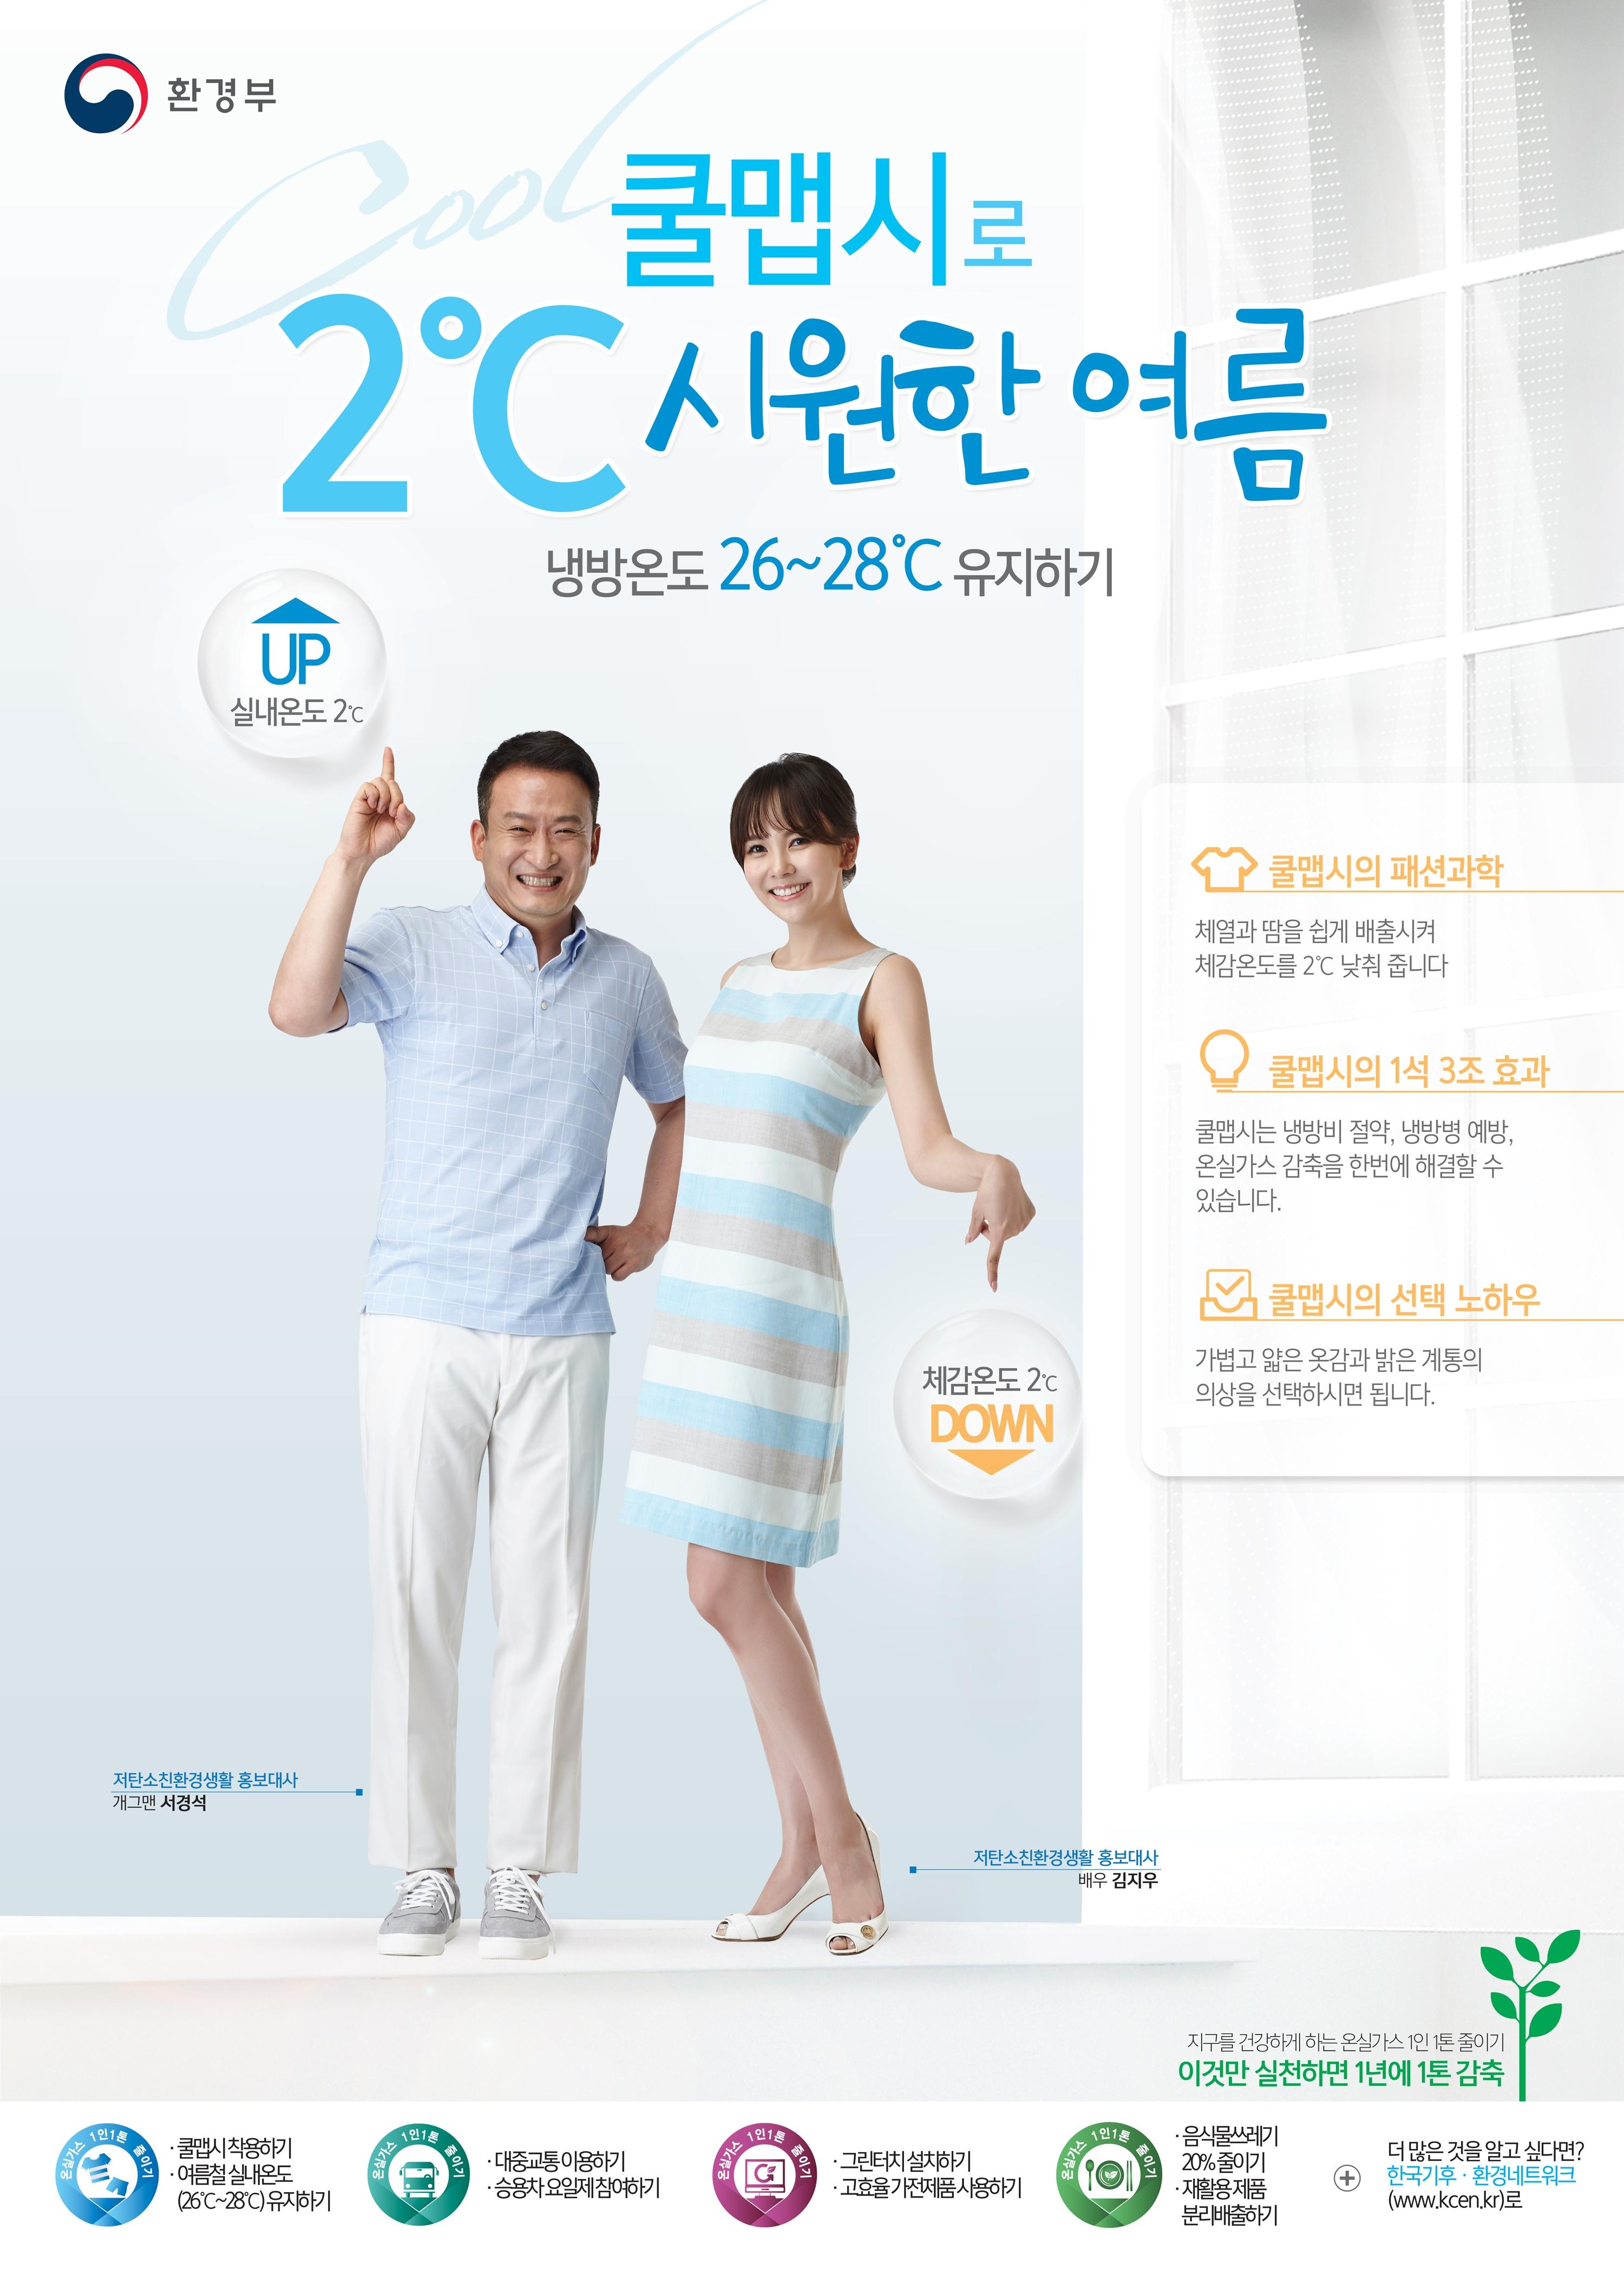 환경부 2016년 쿨맵시 캠페인 포스터